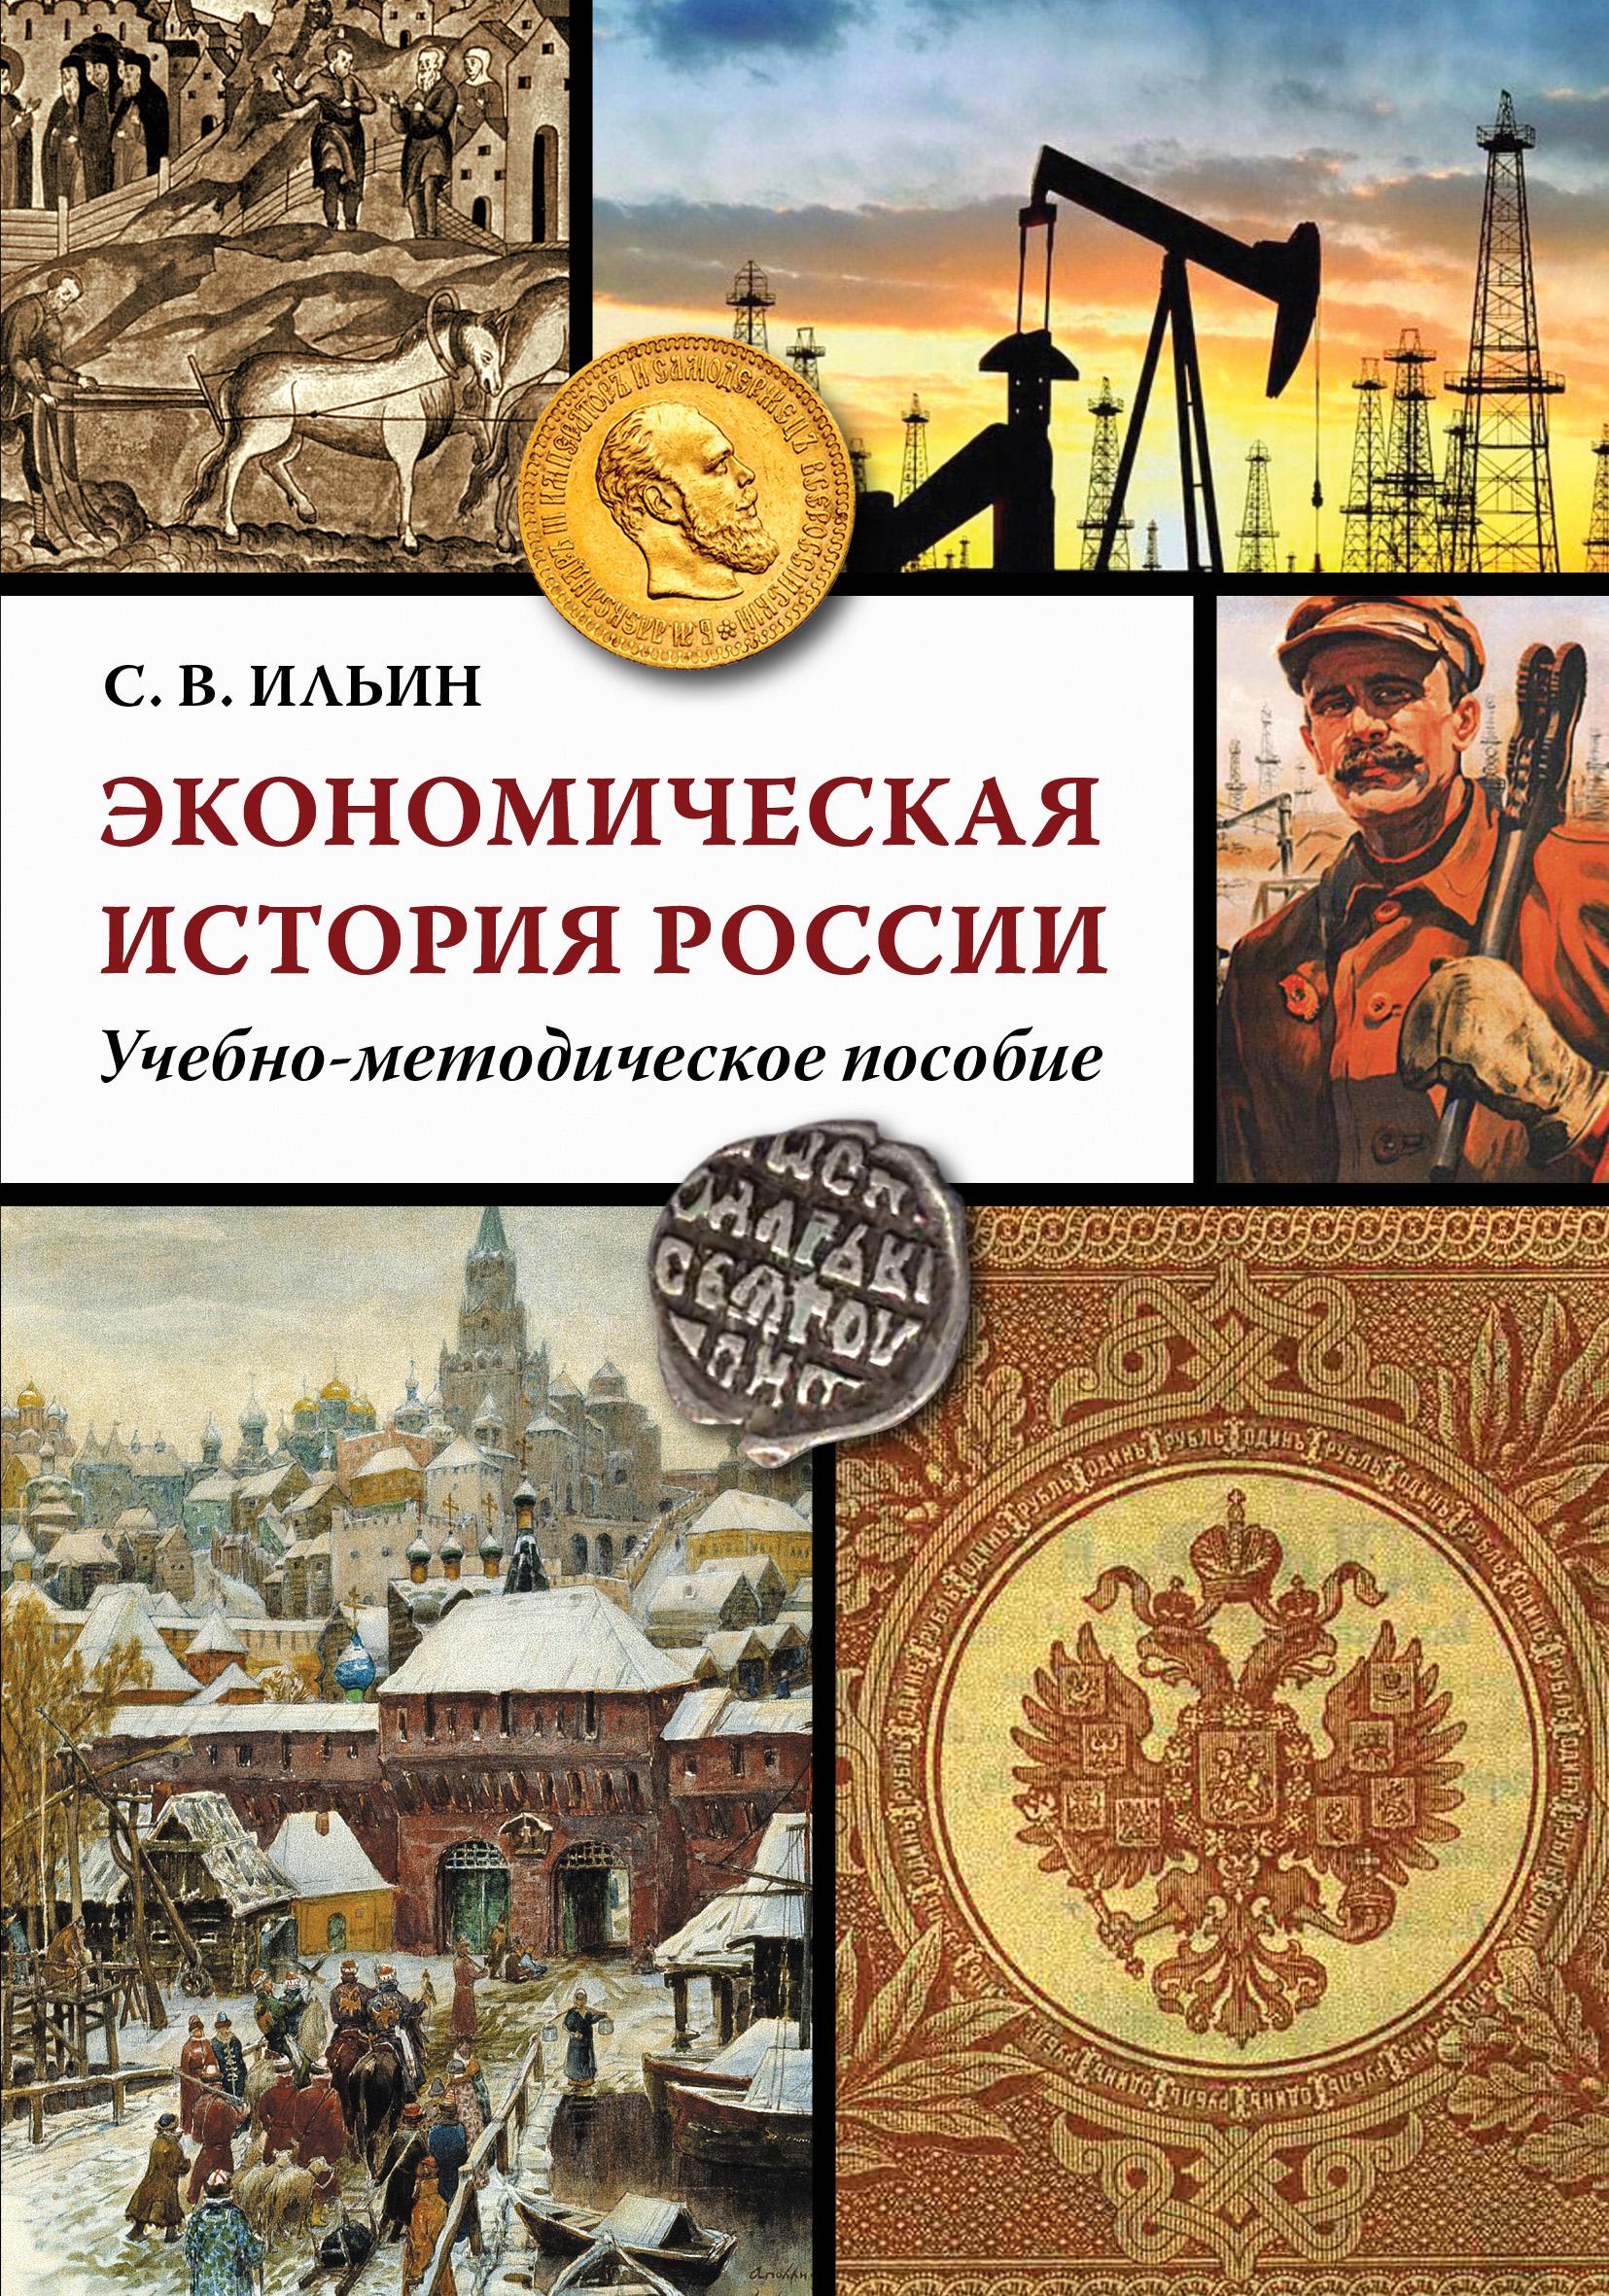 Фото - С. В. Ильин Экономическая история России и а ильин творческая идея нашего будущего